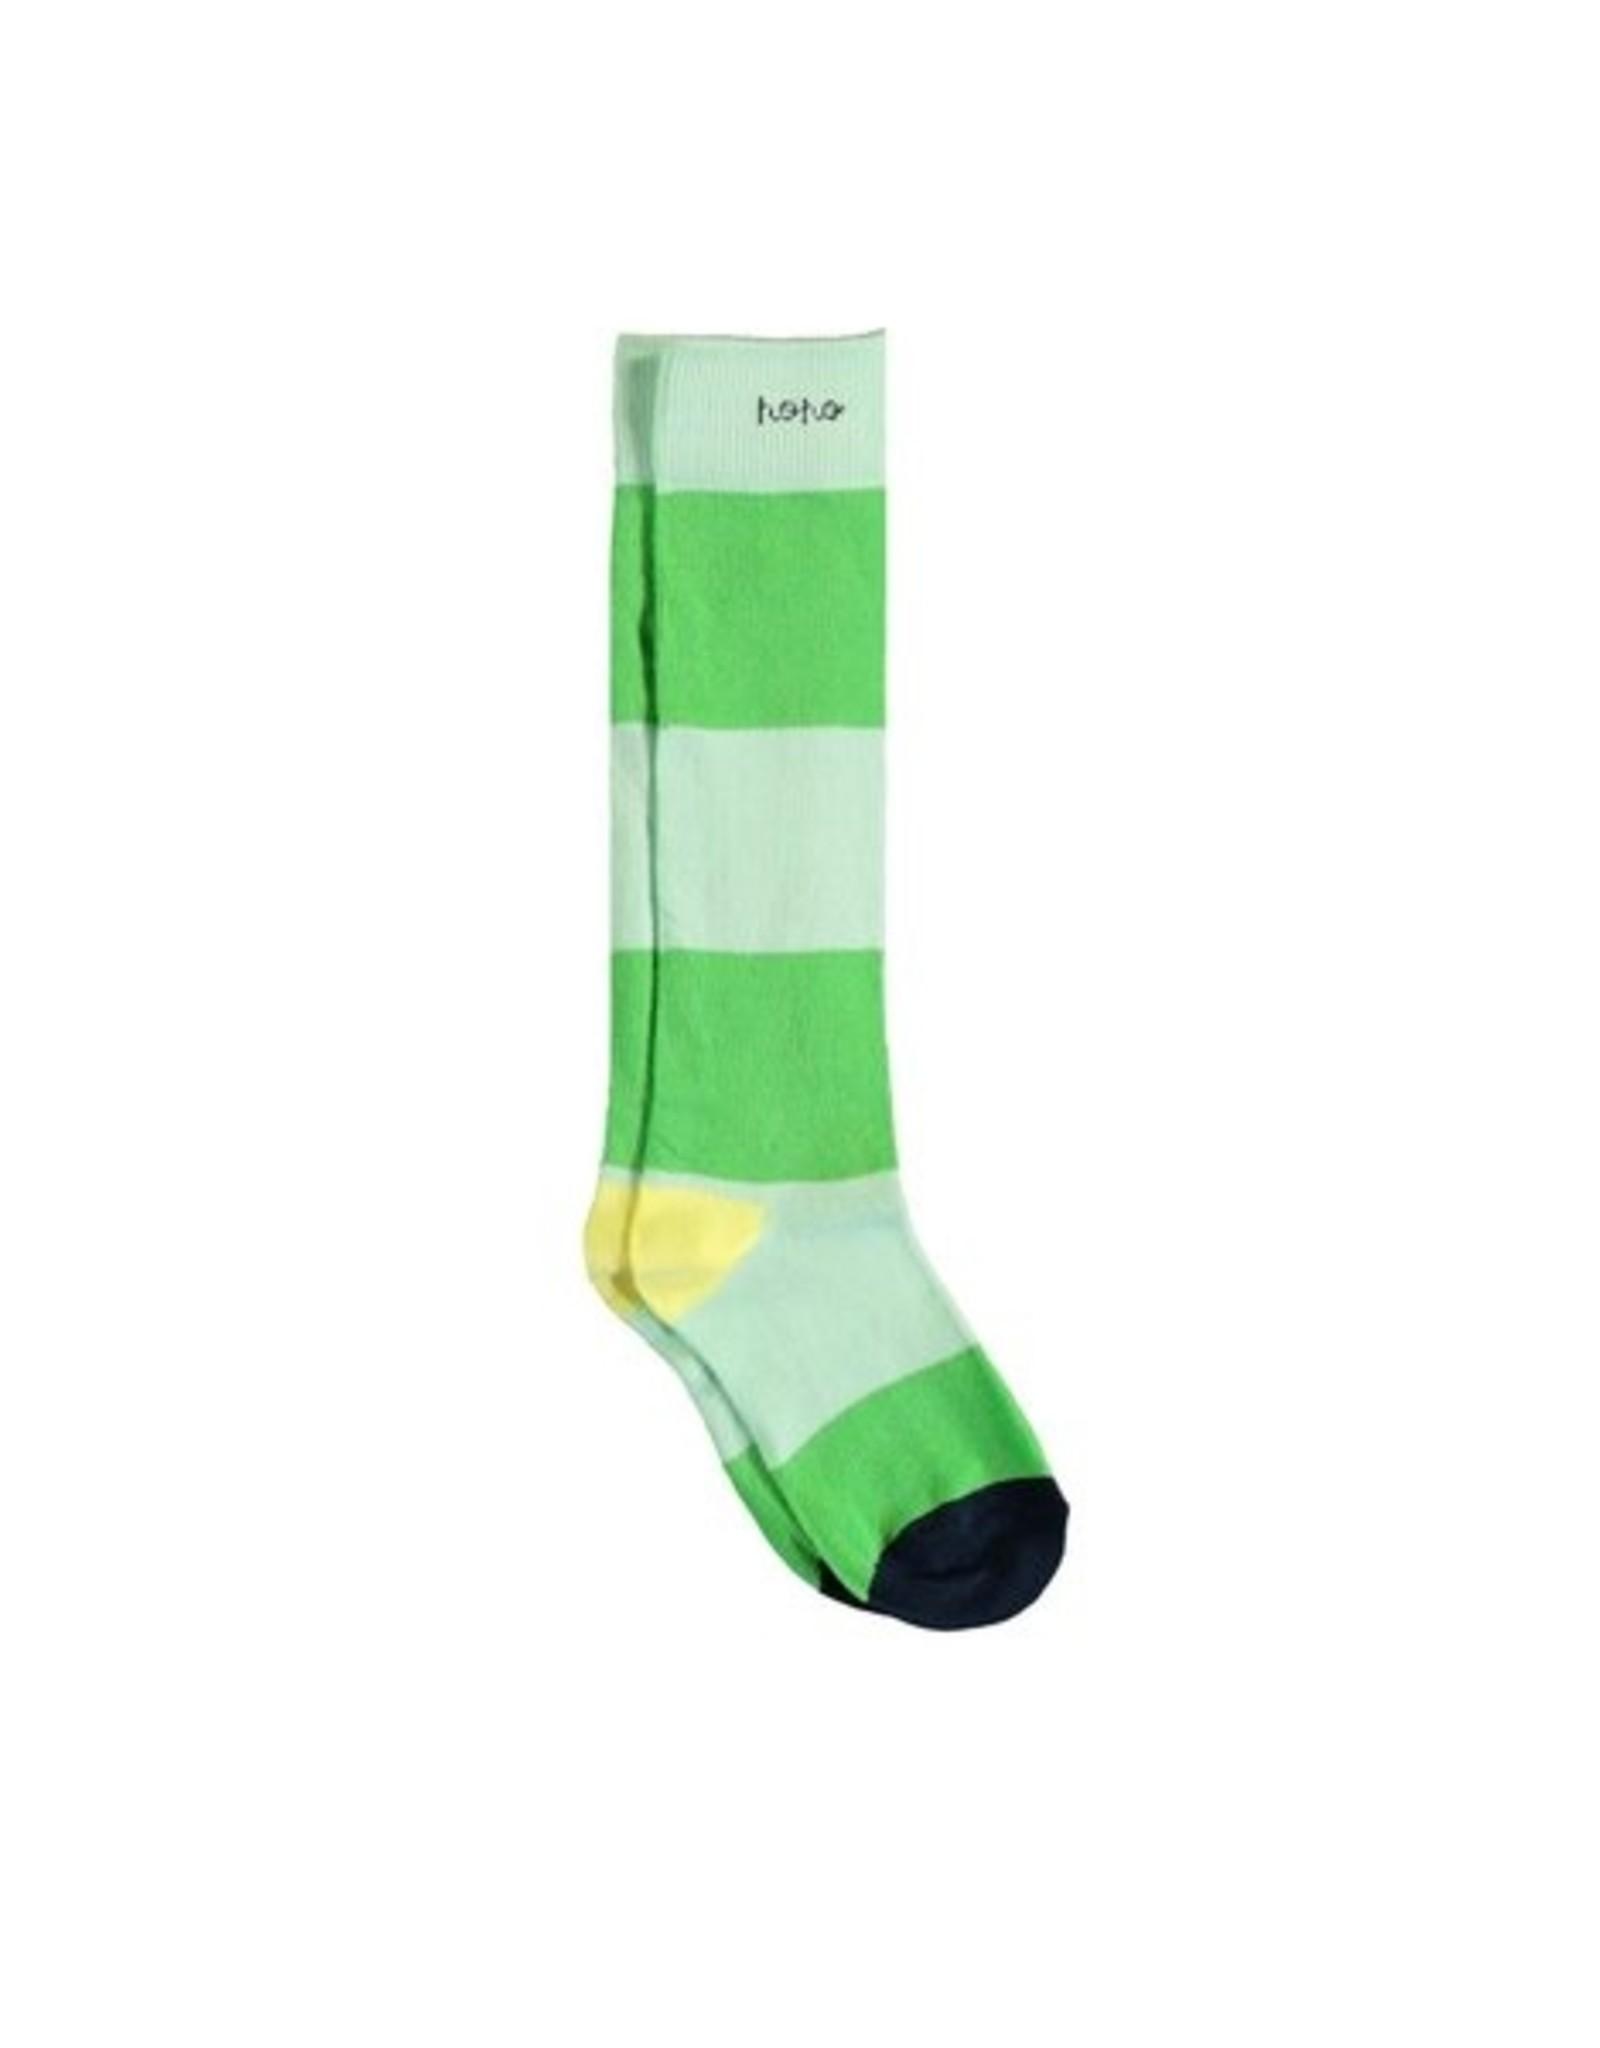 NONO NONO long sock 5902 so fresh